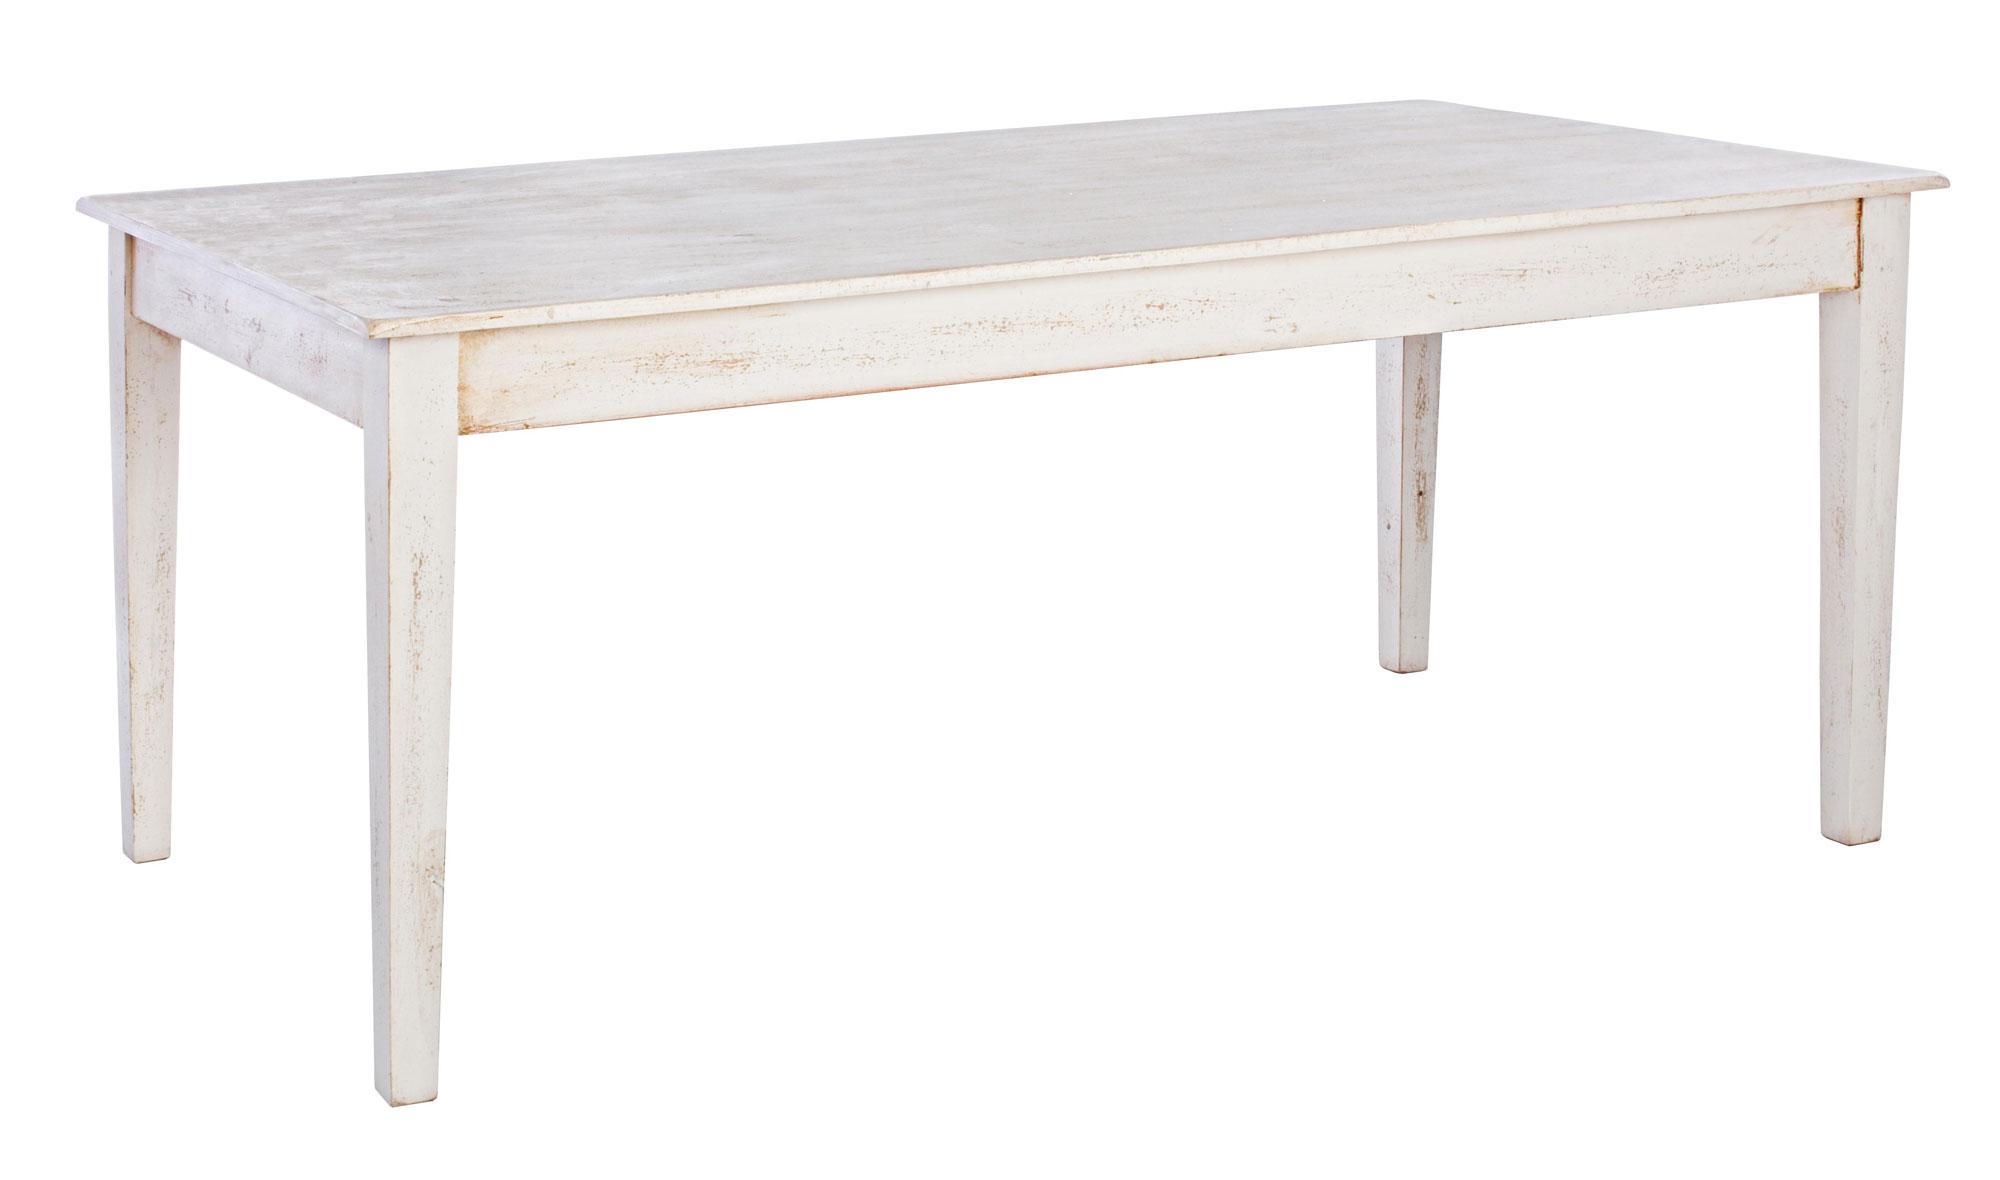 Mesa de comedor blanca vintage alghero no disponible en for Mesa comedor ovalada blanca